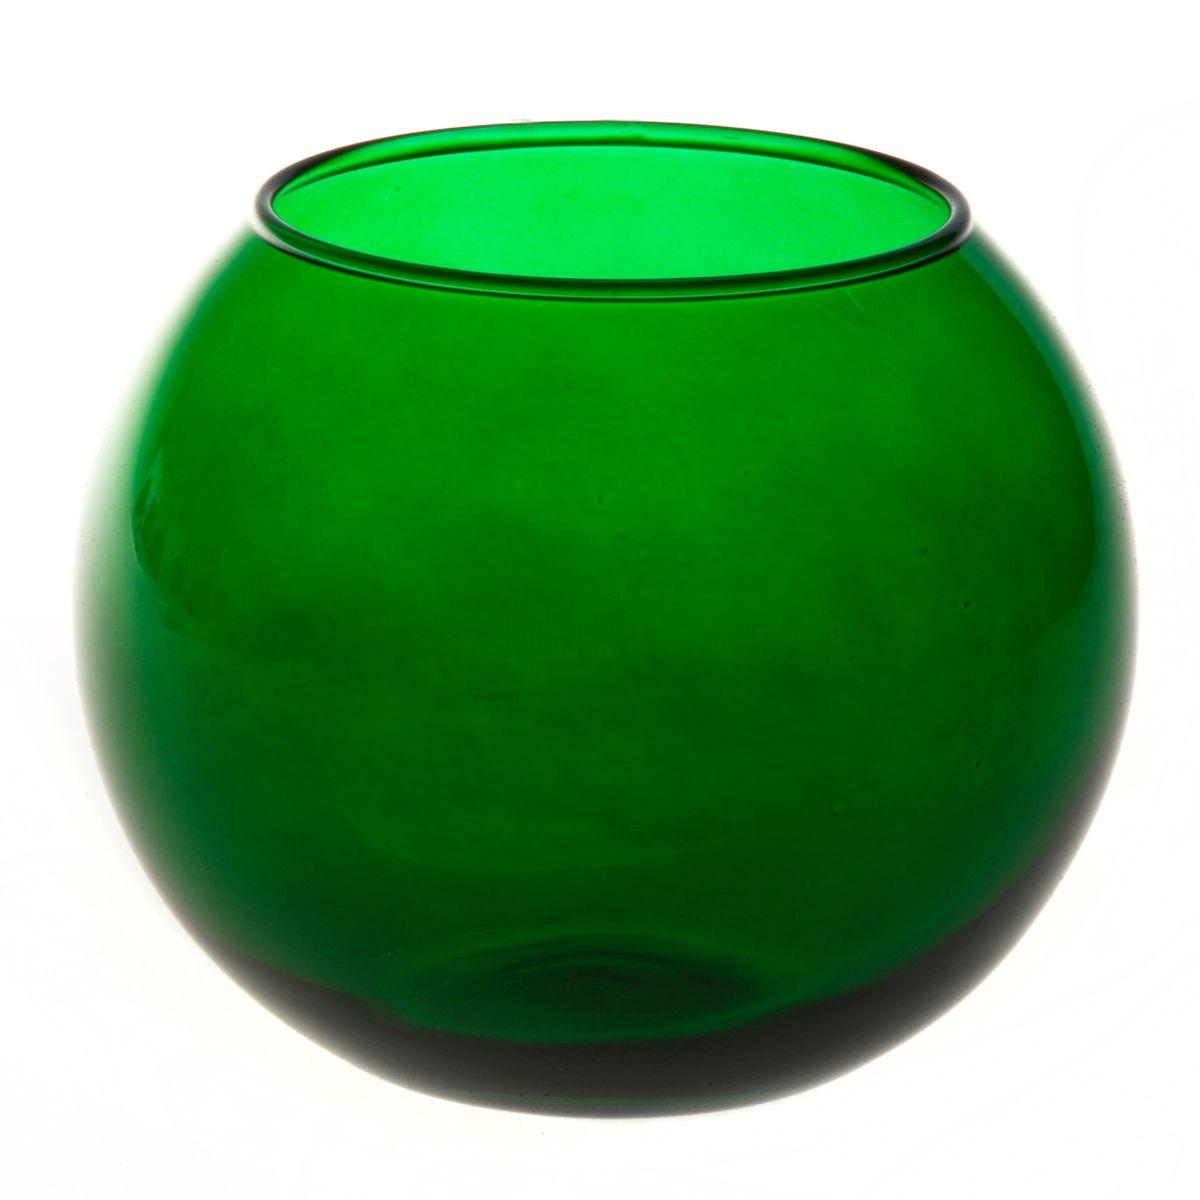 Ваза Workshop Flora, цвет: зеленый, высота 11 смFS-91909Ваза Workshop Flora, выполненная из натрий-кальций-силикатного стекла, сочетает в себе изысканный дизайн с максимальной функциональностью. Круглая ваза имеет гладкие одноцветные стенки. Она идеально подойдет для мелких цветов. Такая ваза придется по вкусу и ценителям классики, и тем, кто предпочитает утонченность и изысканность. Высота вазы: 11 см.Диаметр вазы (по верхнему краю): 7,9 см.